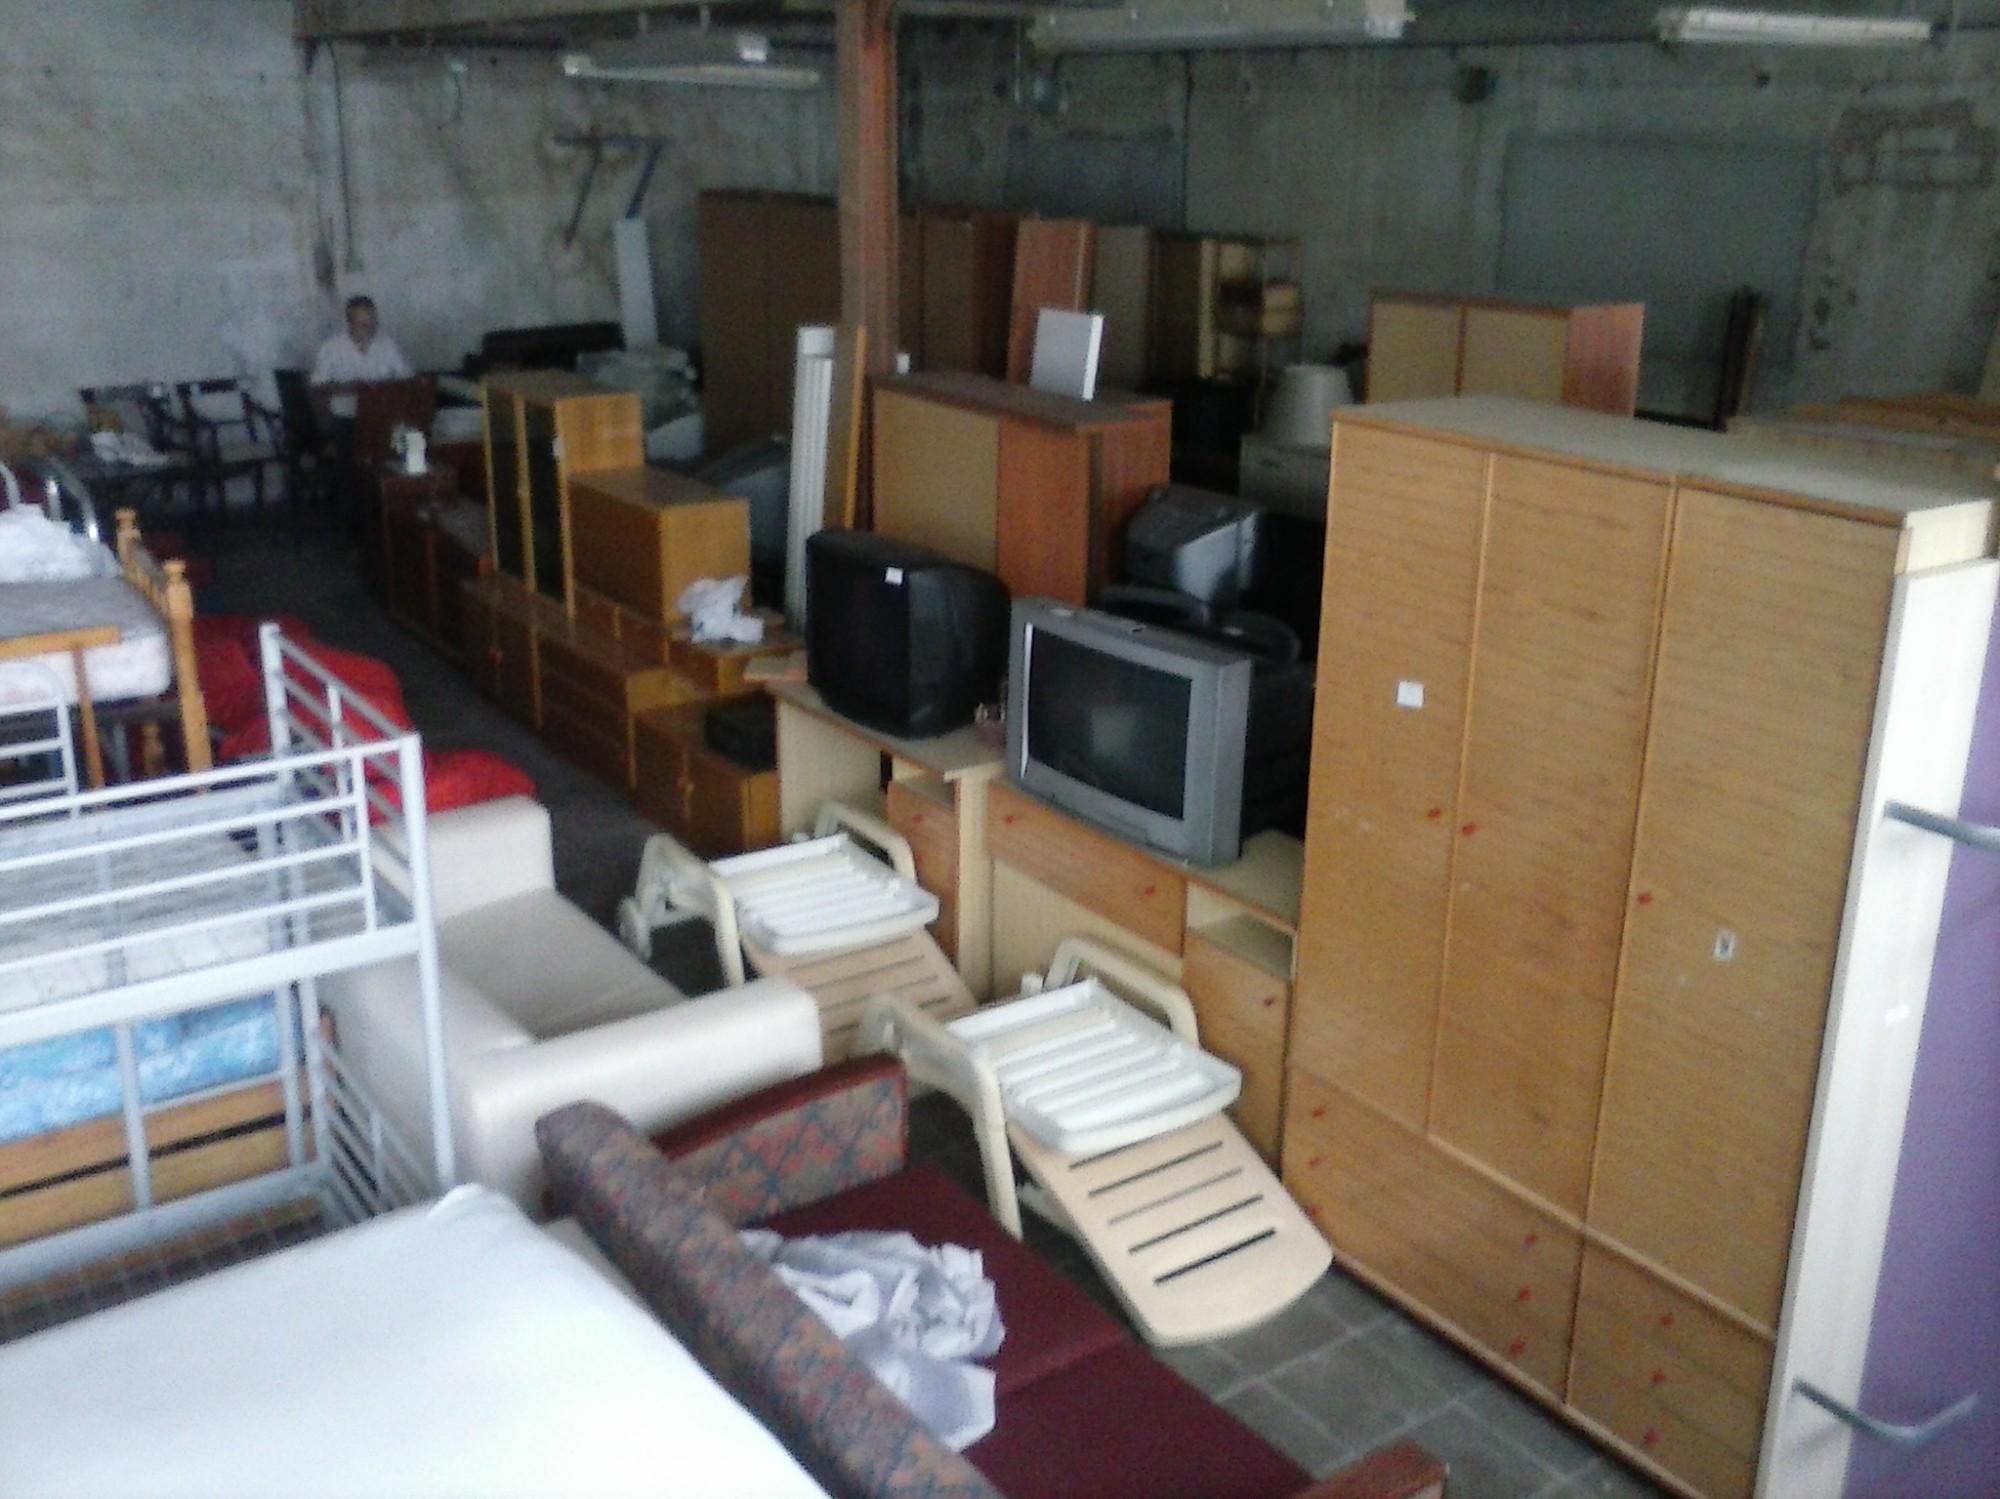 Petits encants mobles i objectes de segona m la - La garriga mobles ...